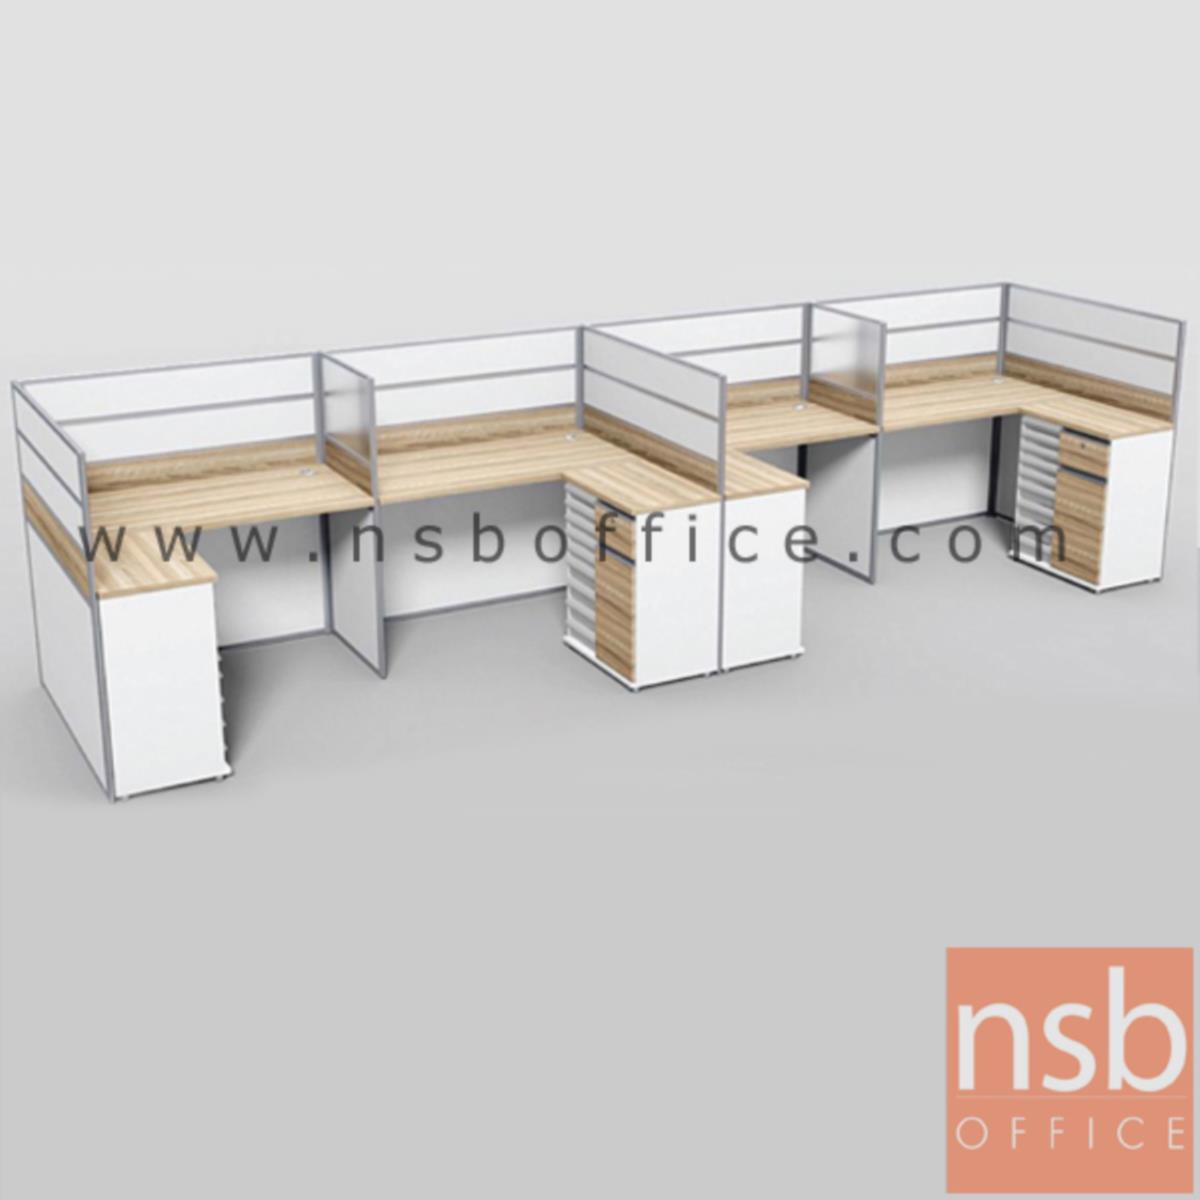 A04A177:ชุดโต๊ะทำงานกลุ่มตัวแอล 4 ที่นั่ง  รุ่น Barcadi 1 (บาร์คาดี้ 1) ขนาดรวม 610W1*122W2 cm. พร้อมตู้ข้างเอกสาร